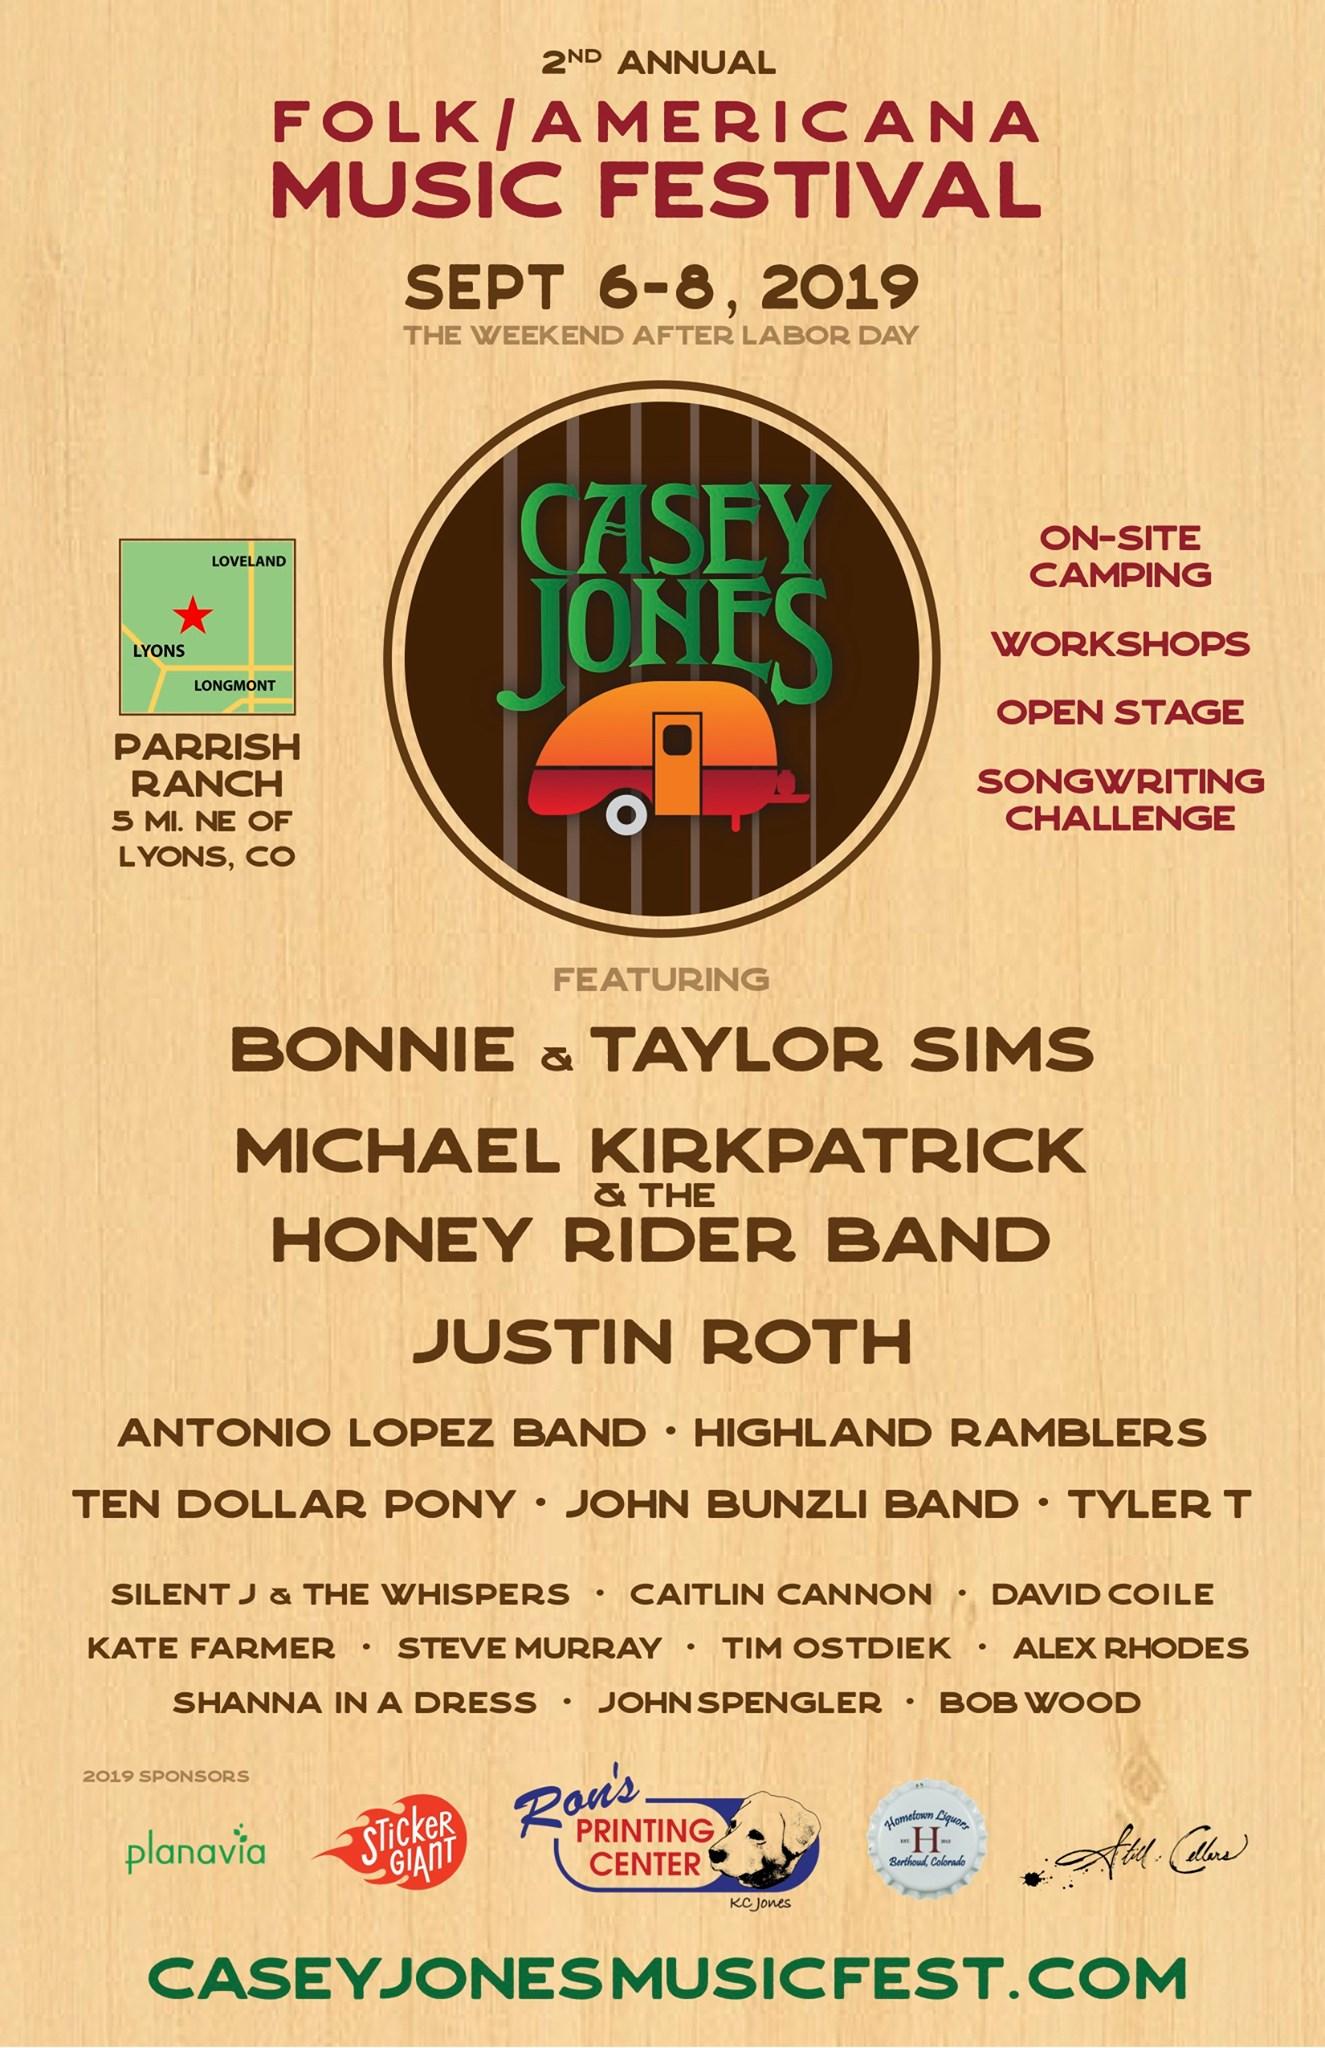 CASEY JONES MUSIC FESTIVAL